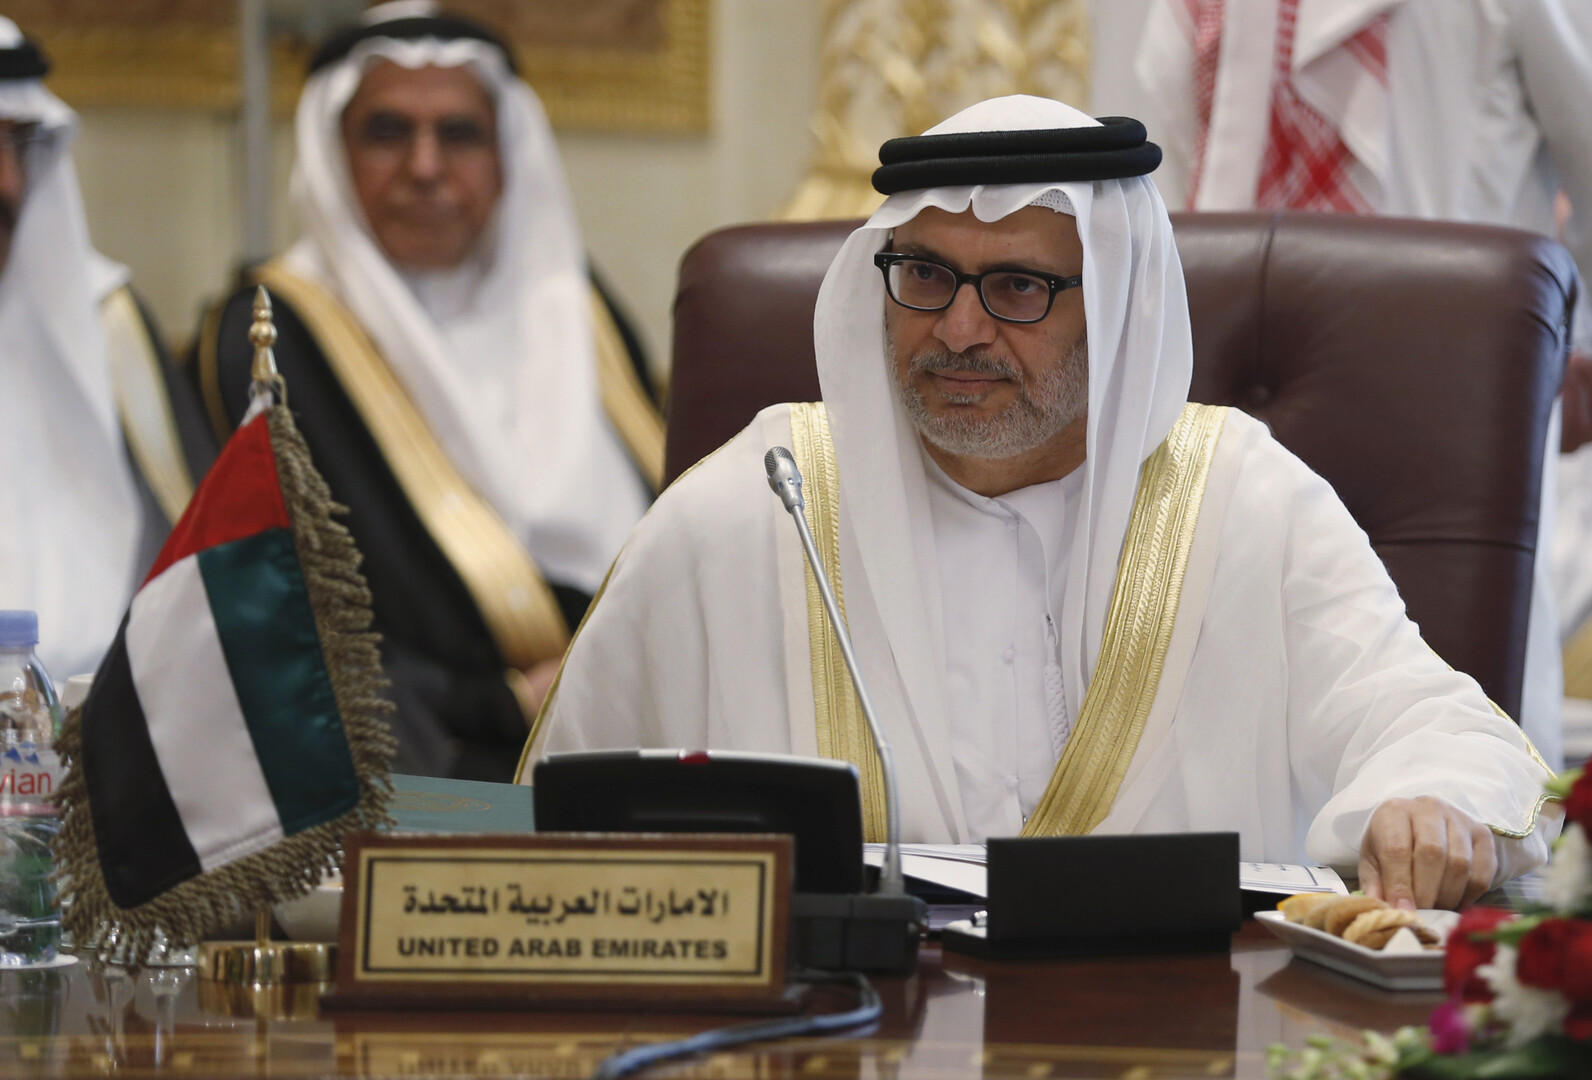 الإمارات تشدد على أهمية وحدة التحالف وتشيد بالمبادرة السعودية للتسوية اليمنية